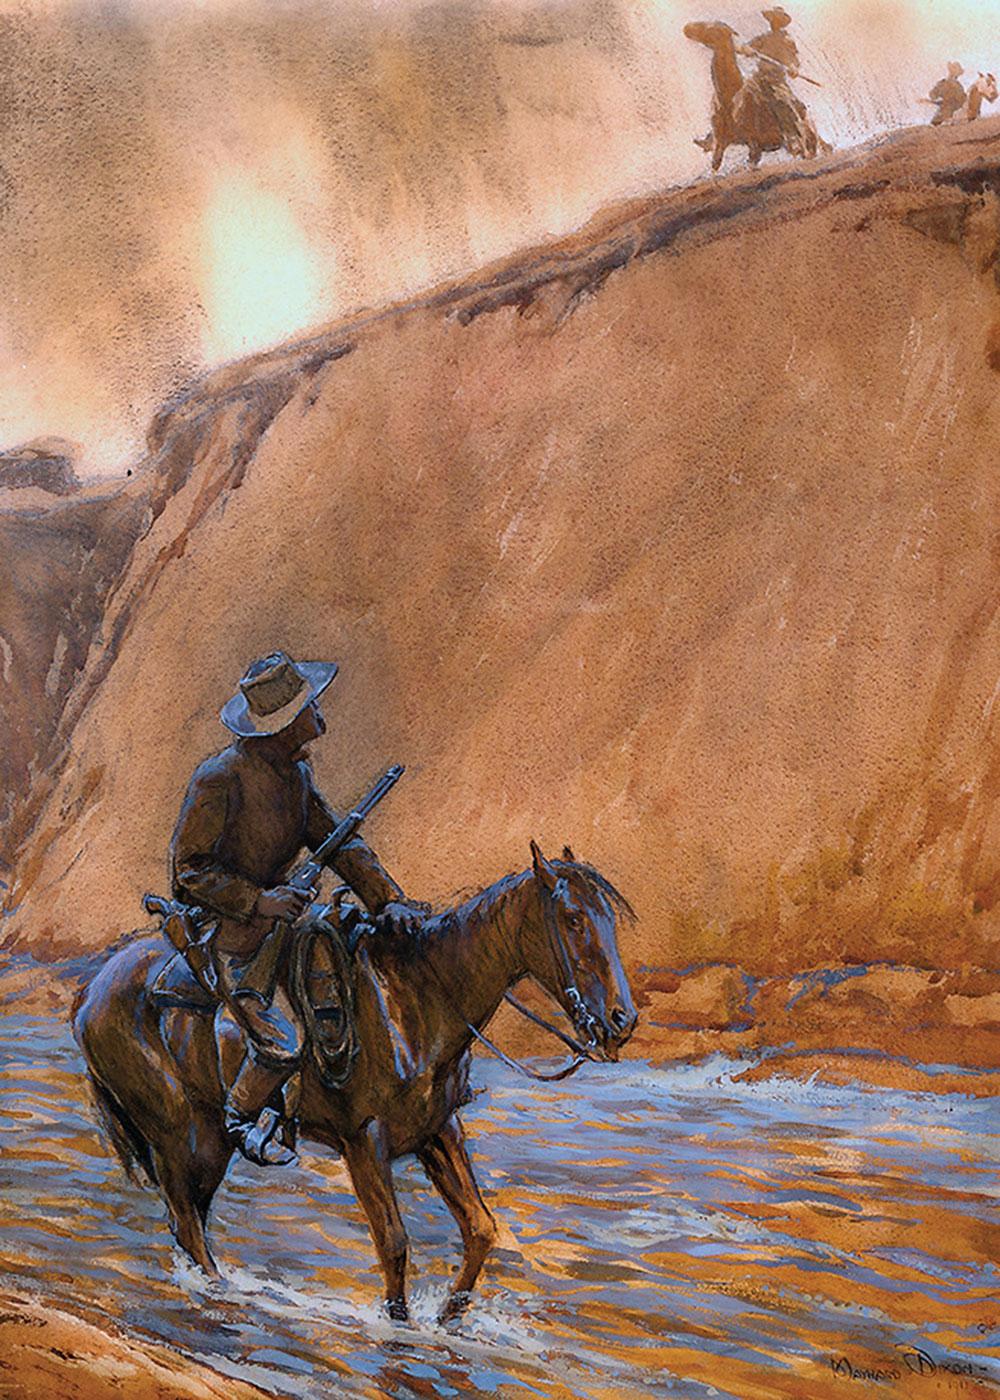 maynard dixon fugitives horse true west magazine